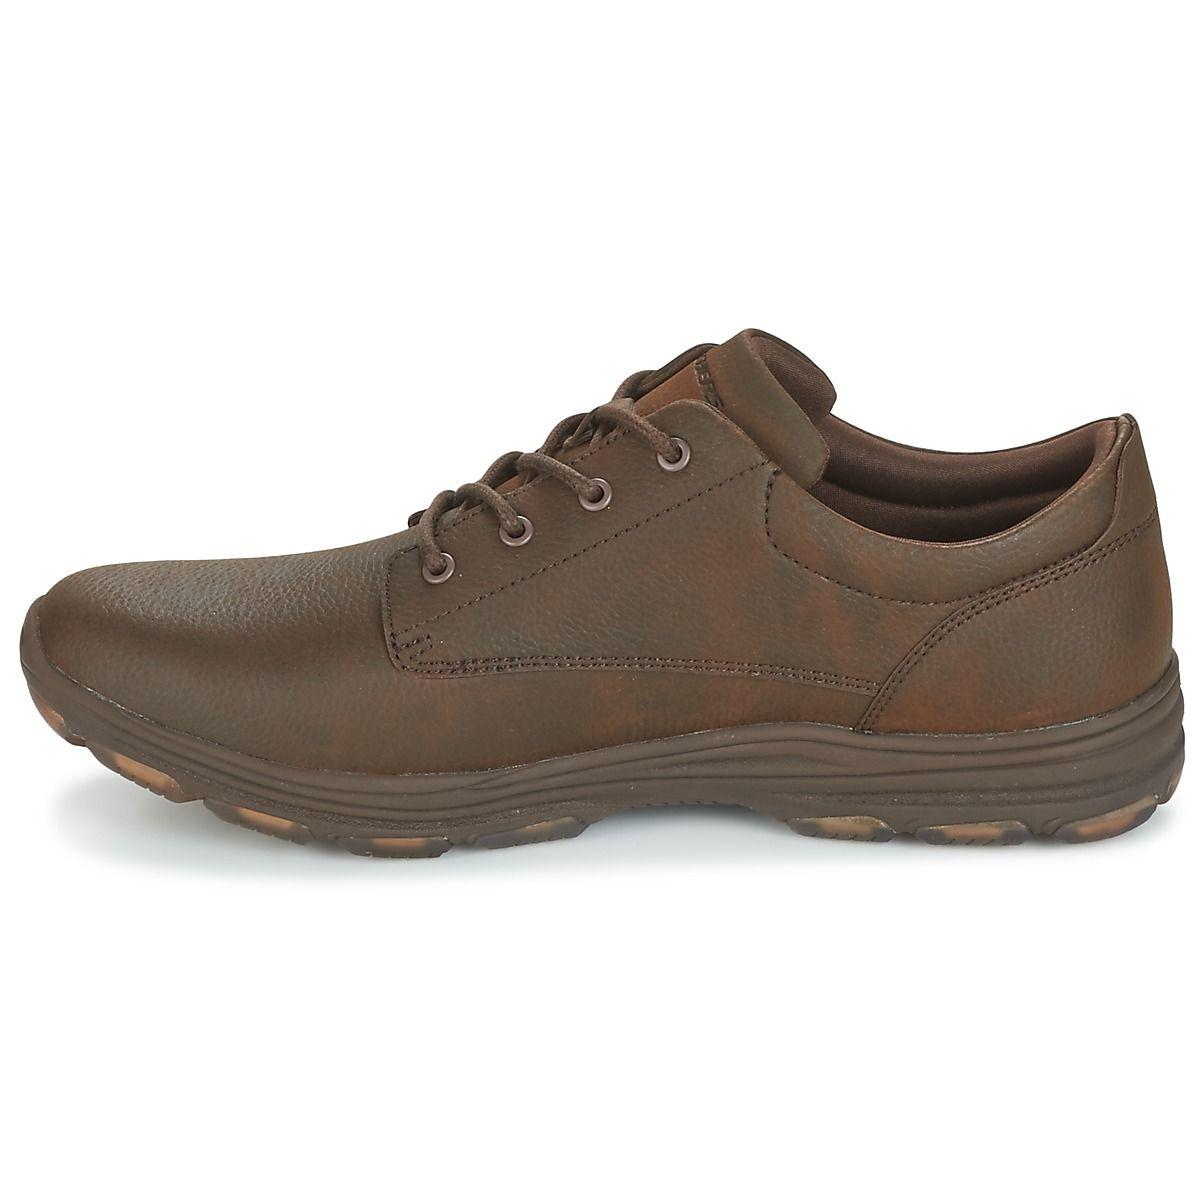 De Skechers Shoes Mens Y Casual Shoes Vestir Usa Zapatos ww6gvqft